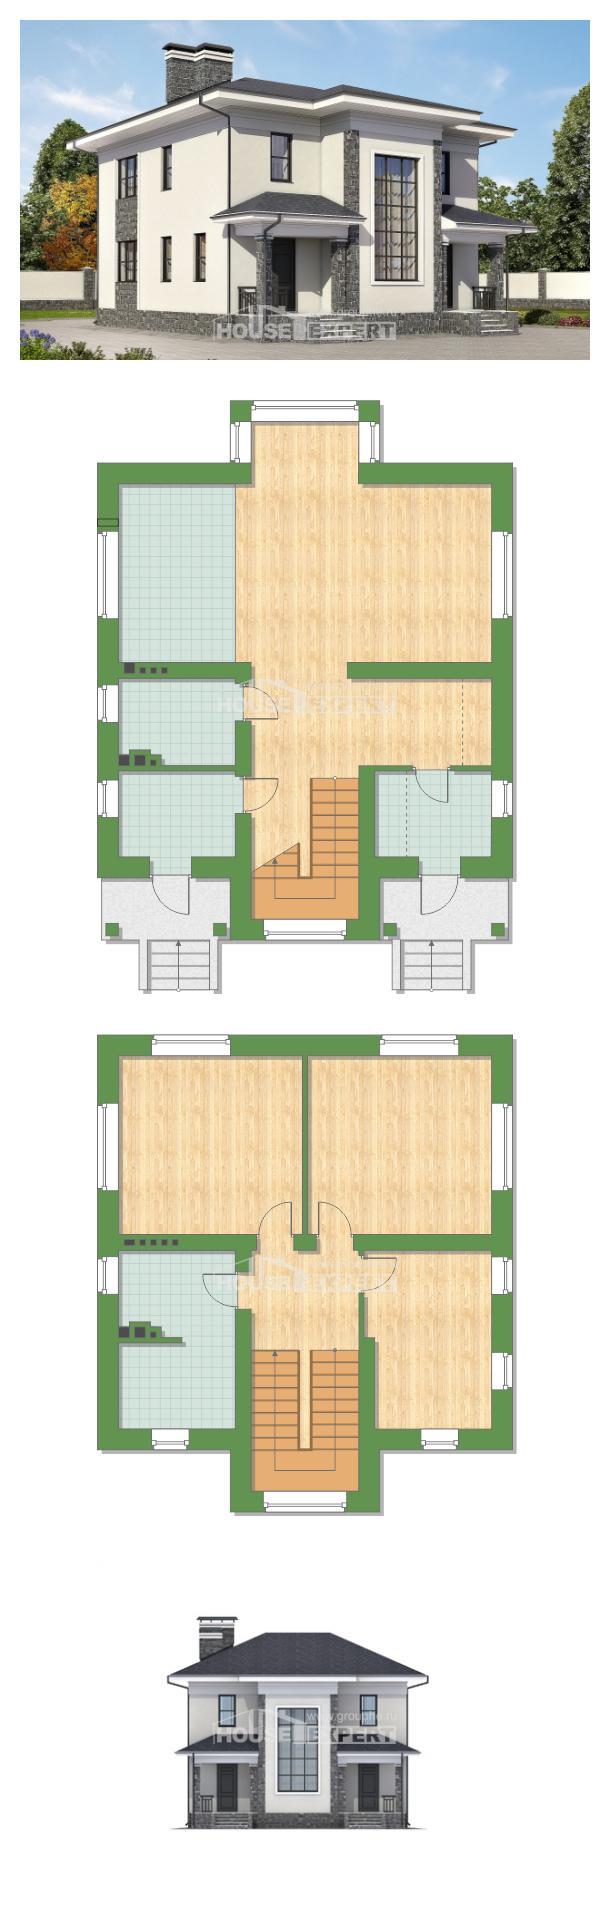 Plan 155-011-R | House Expert